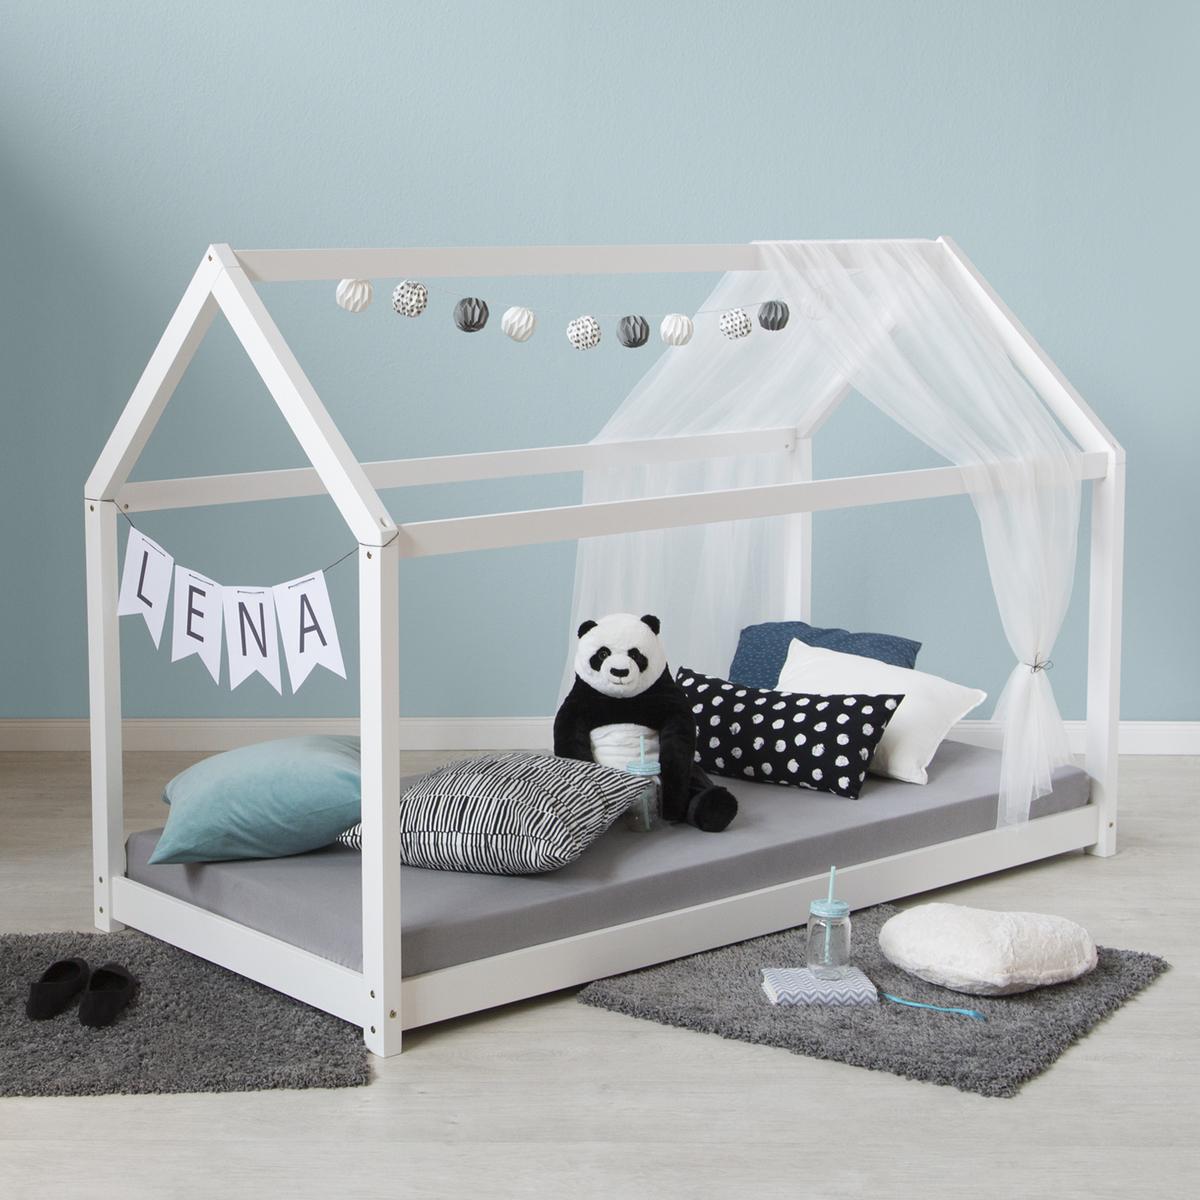 Detská posteľ domček - biela House bed